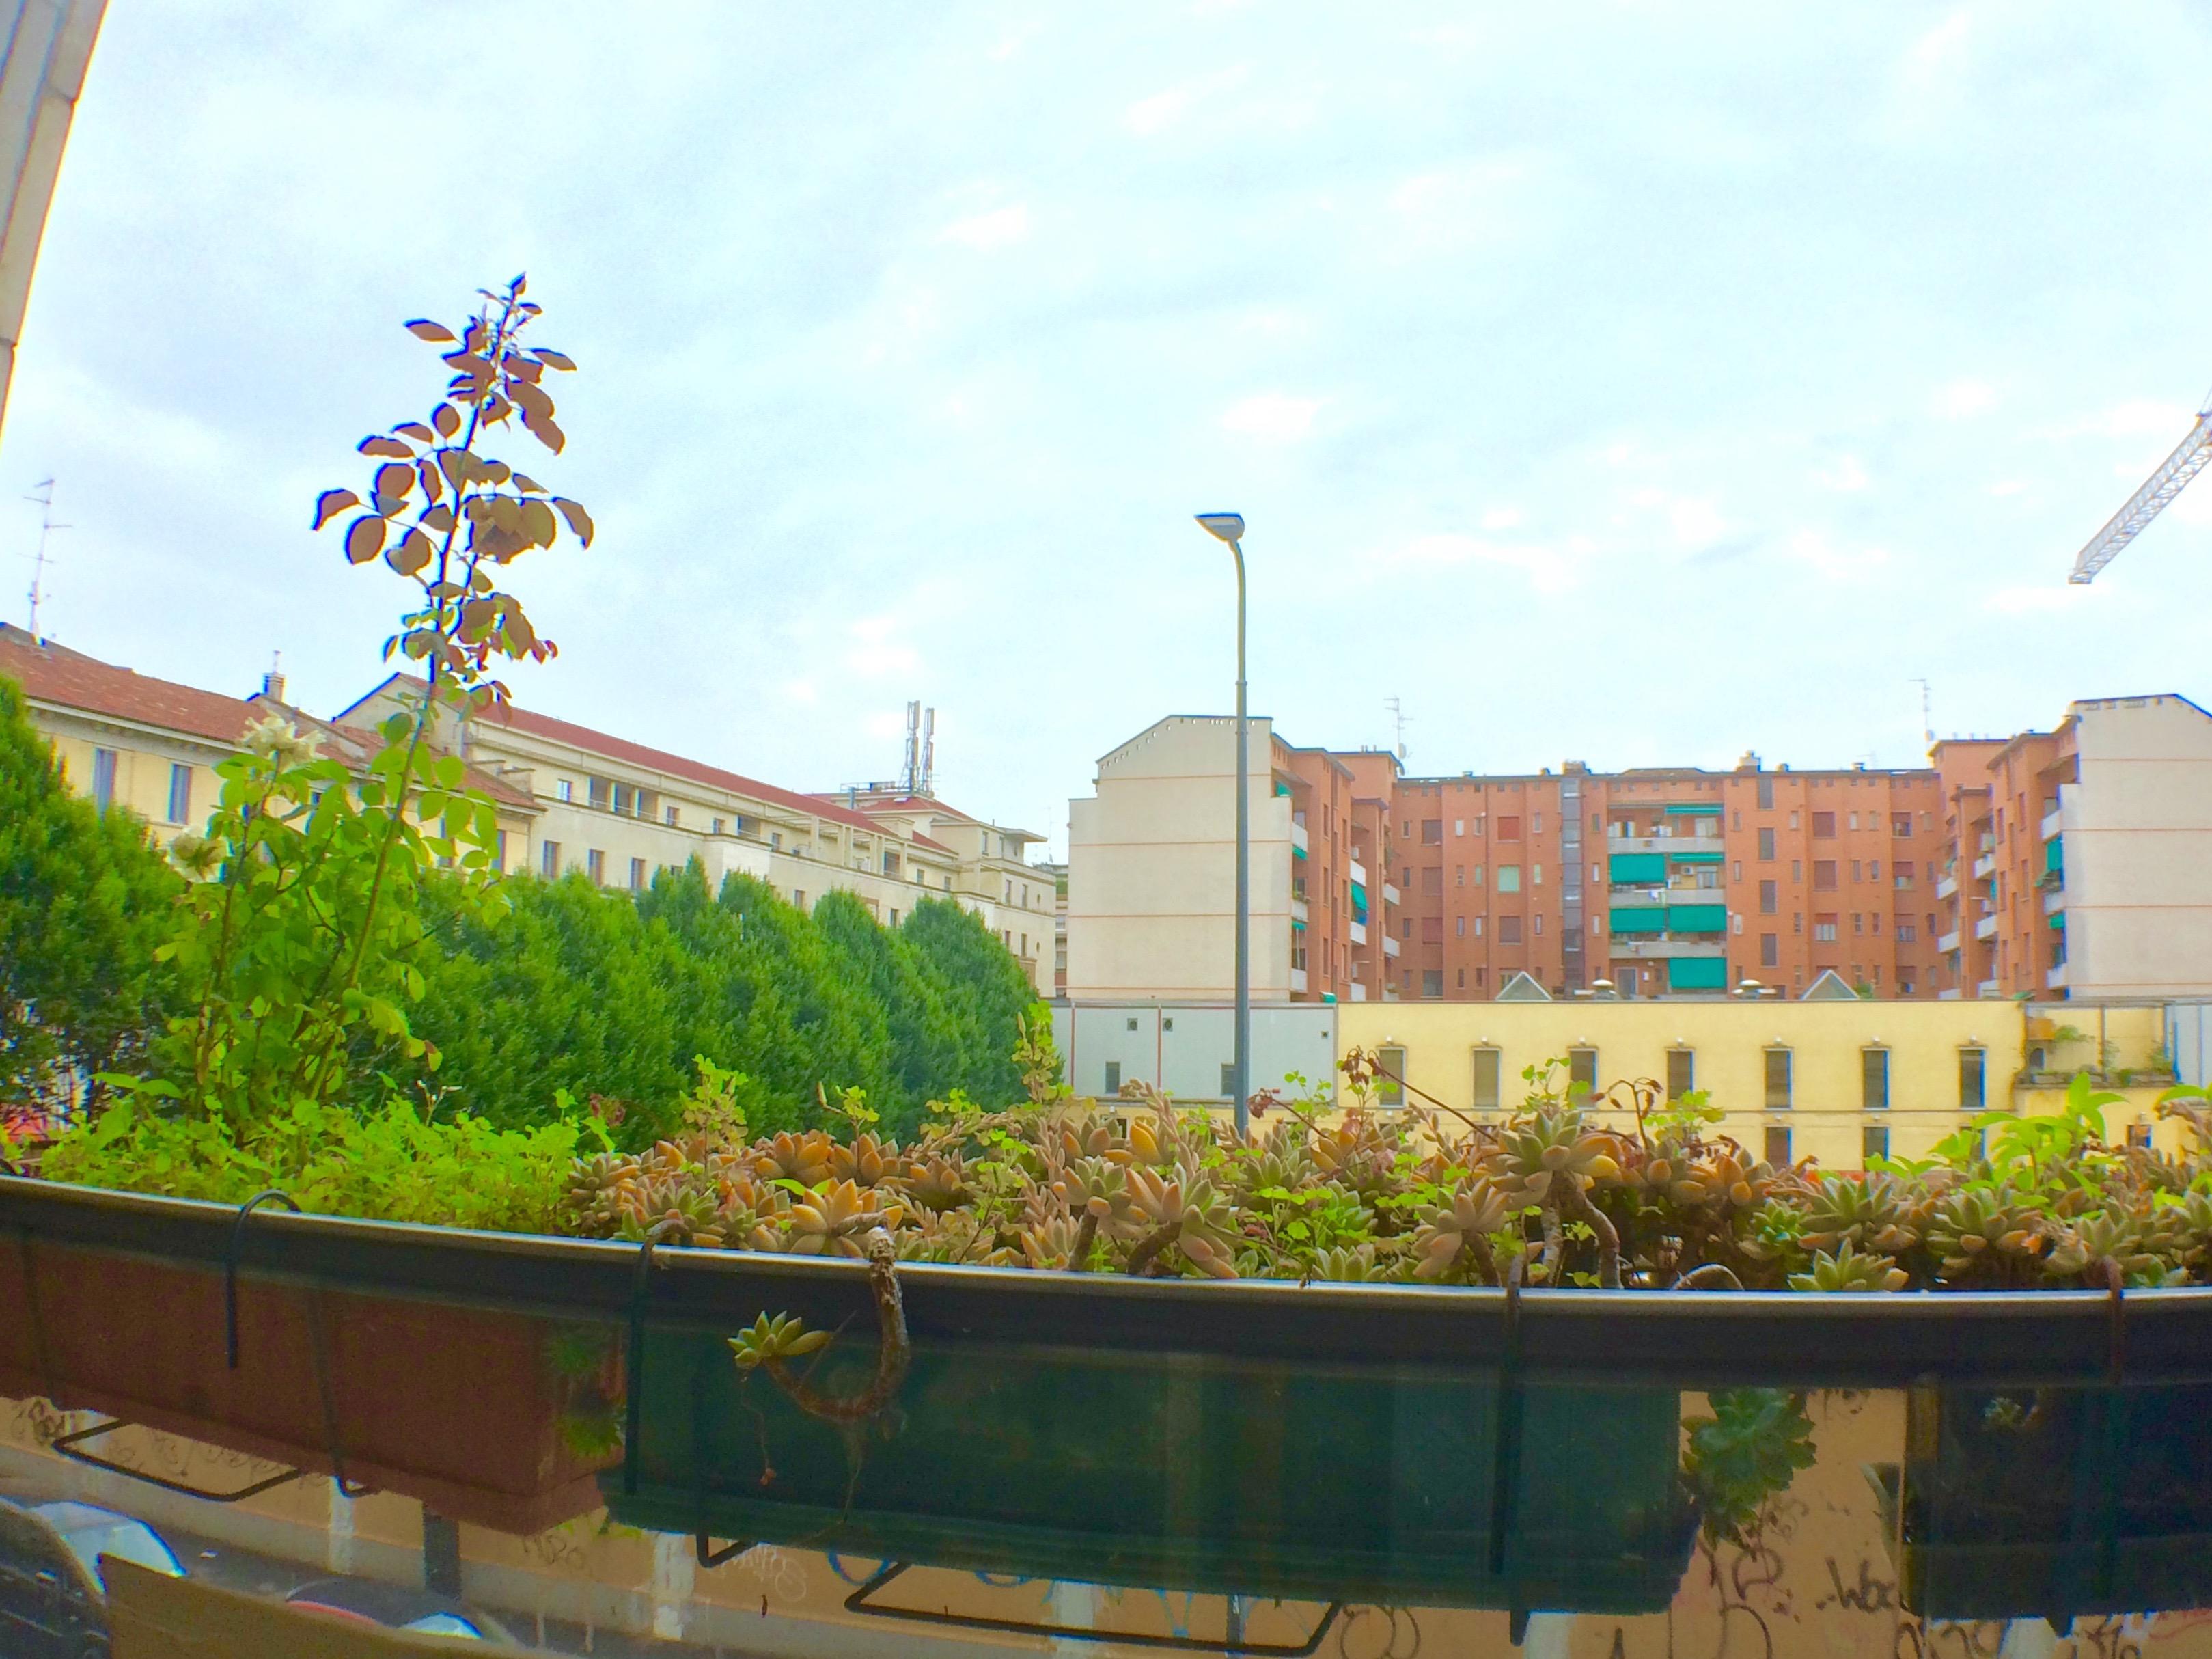 milano affitto bilocale ristrutturato porta romana arredato nuovo balcone-04.jpg